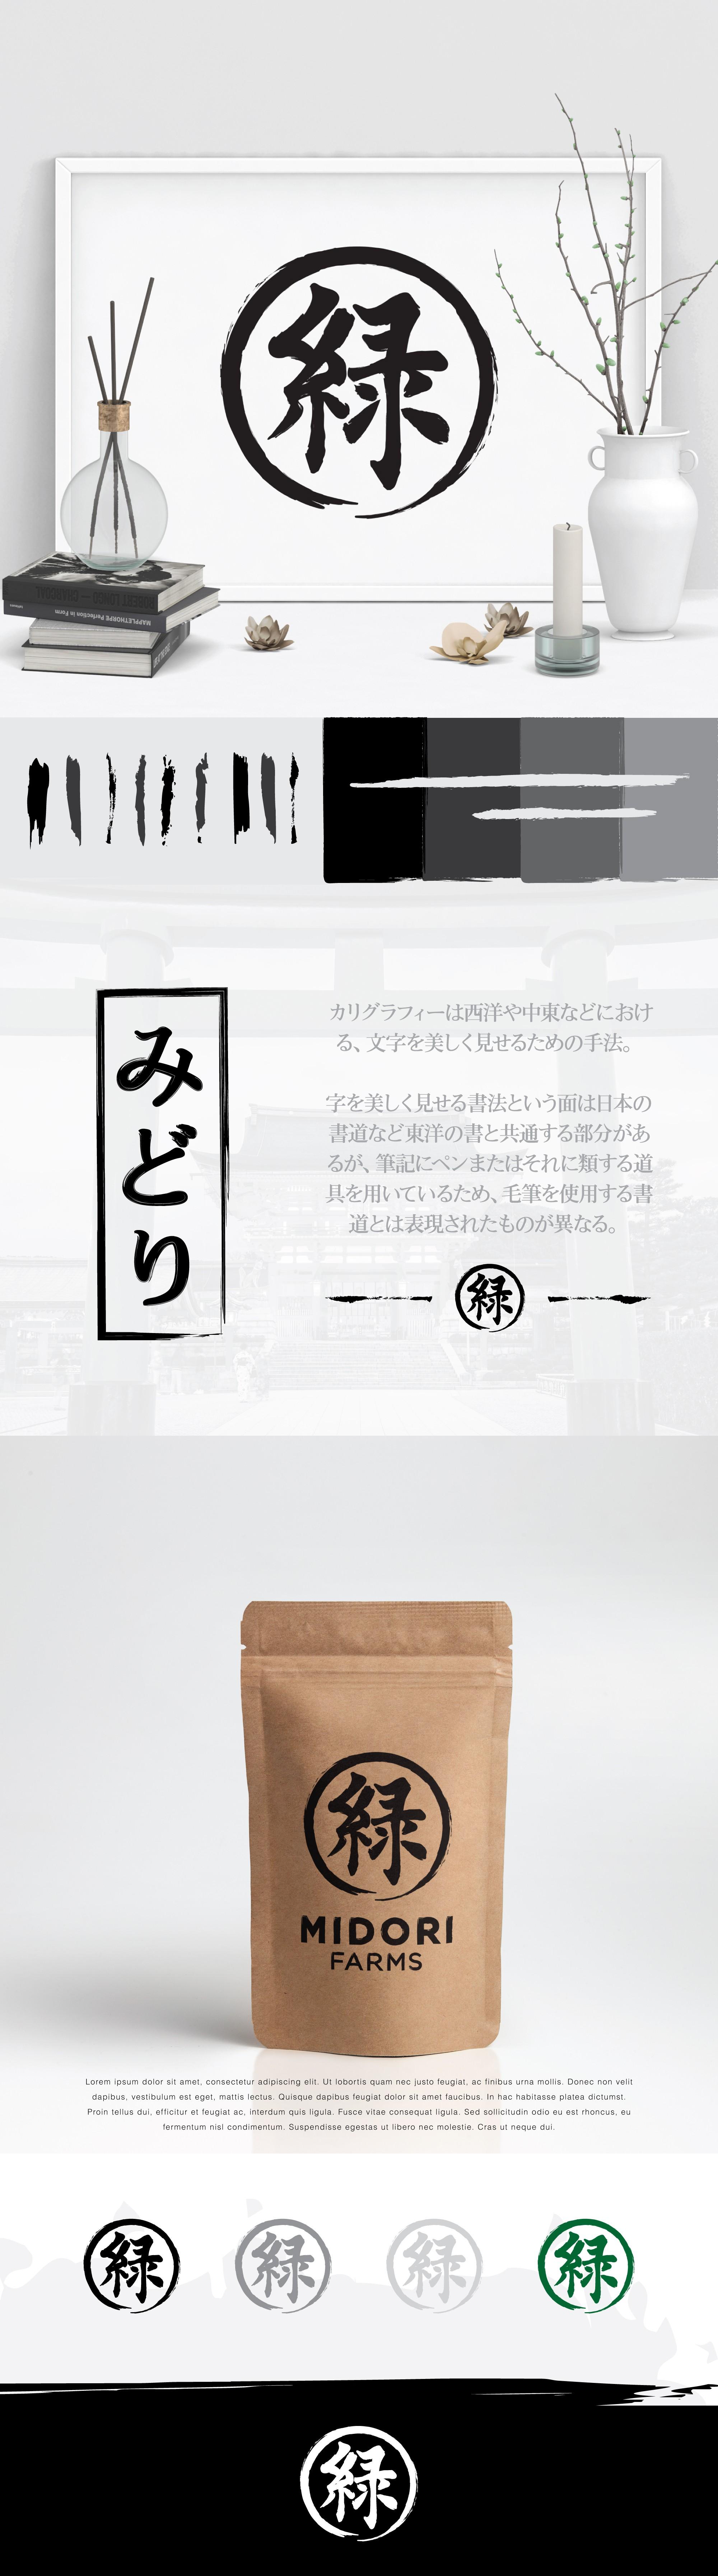 Midori Farms Logo